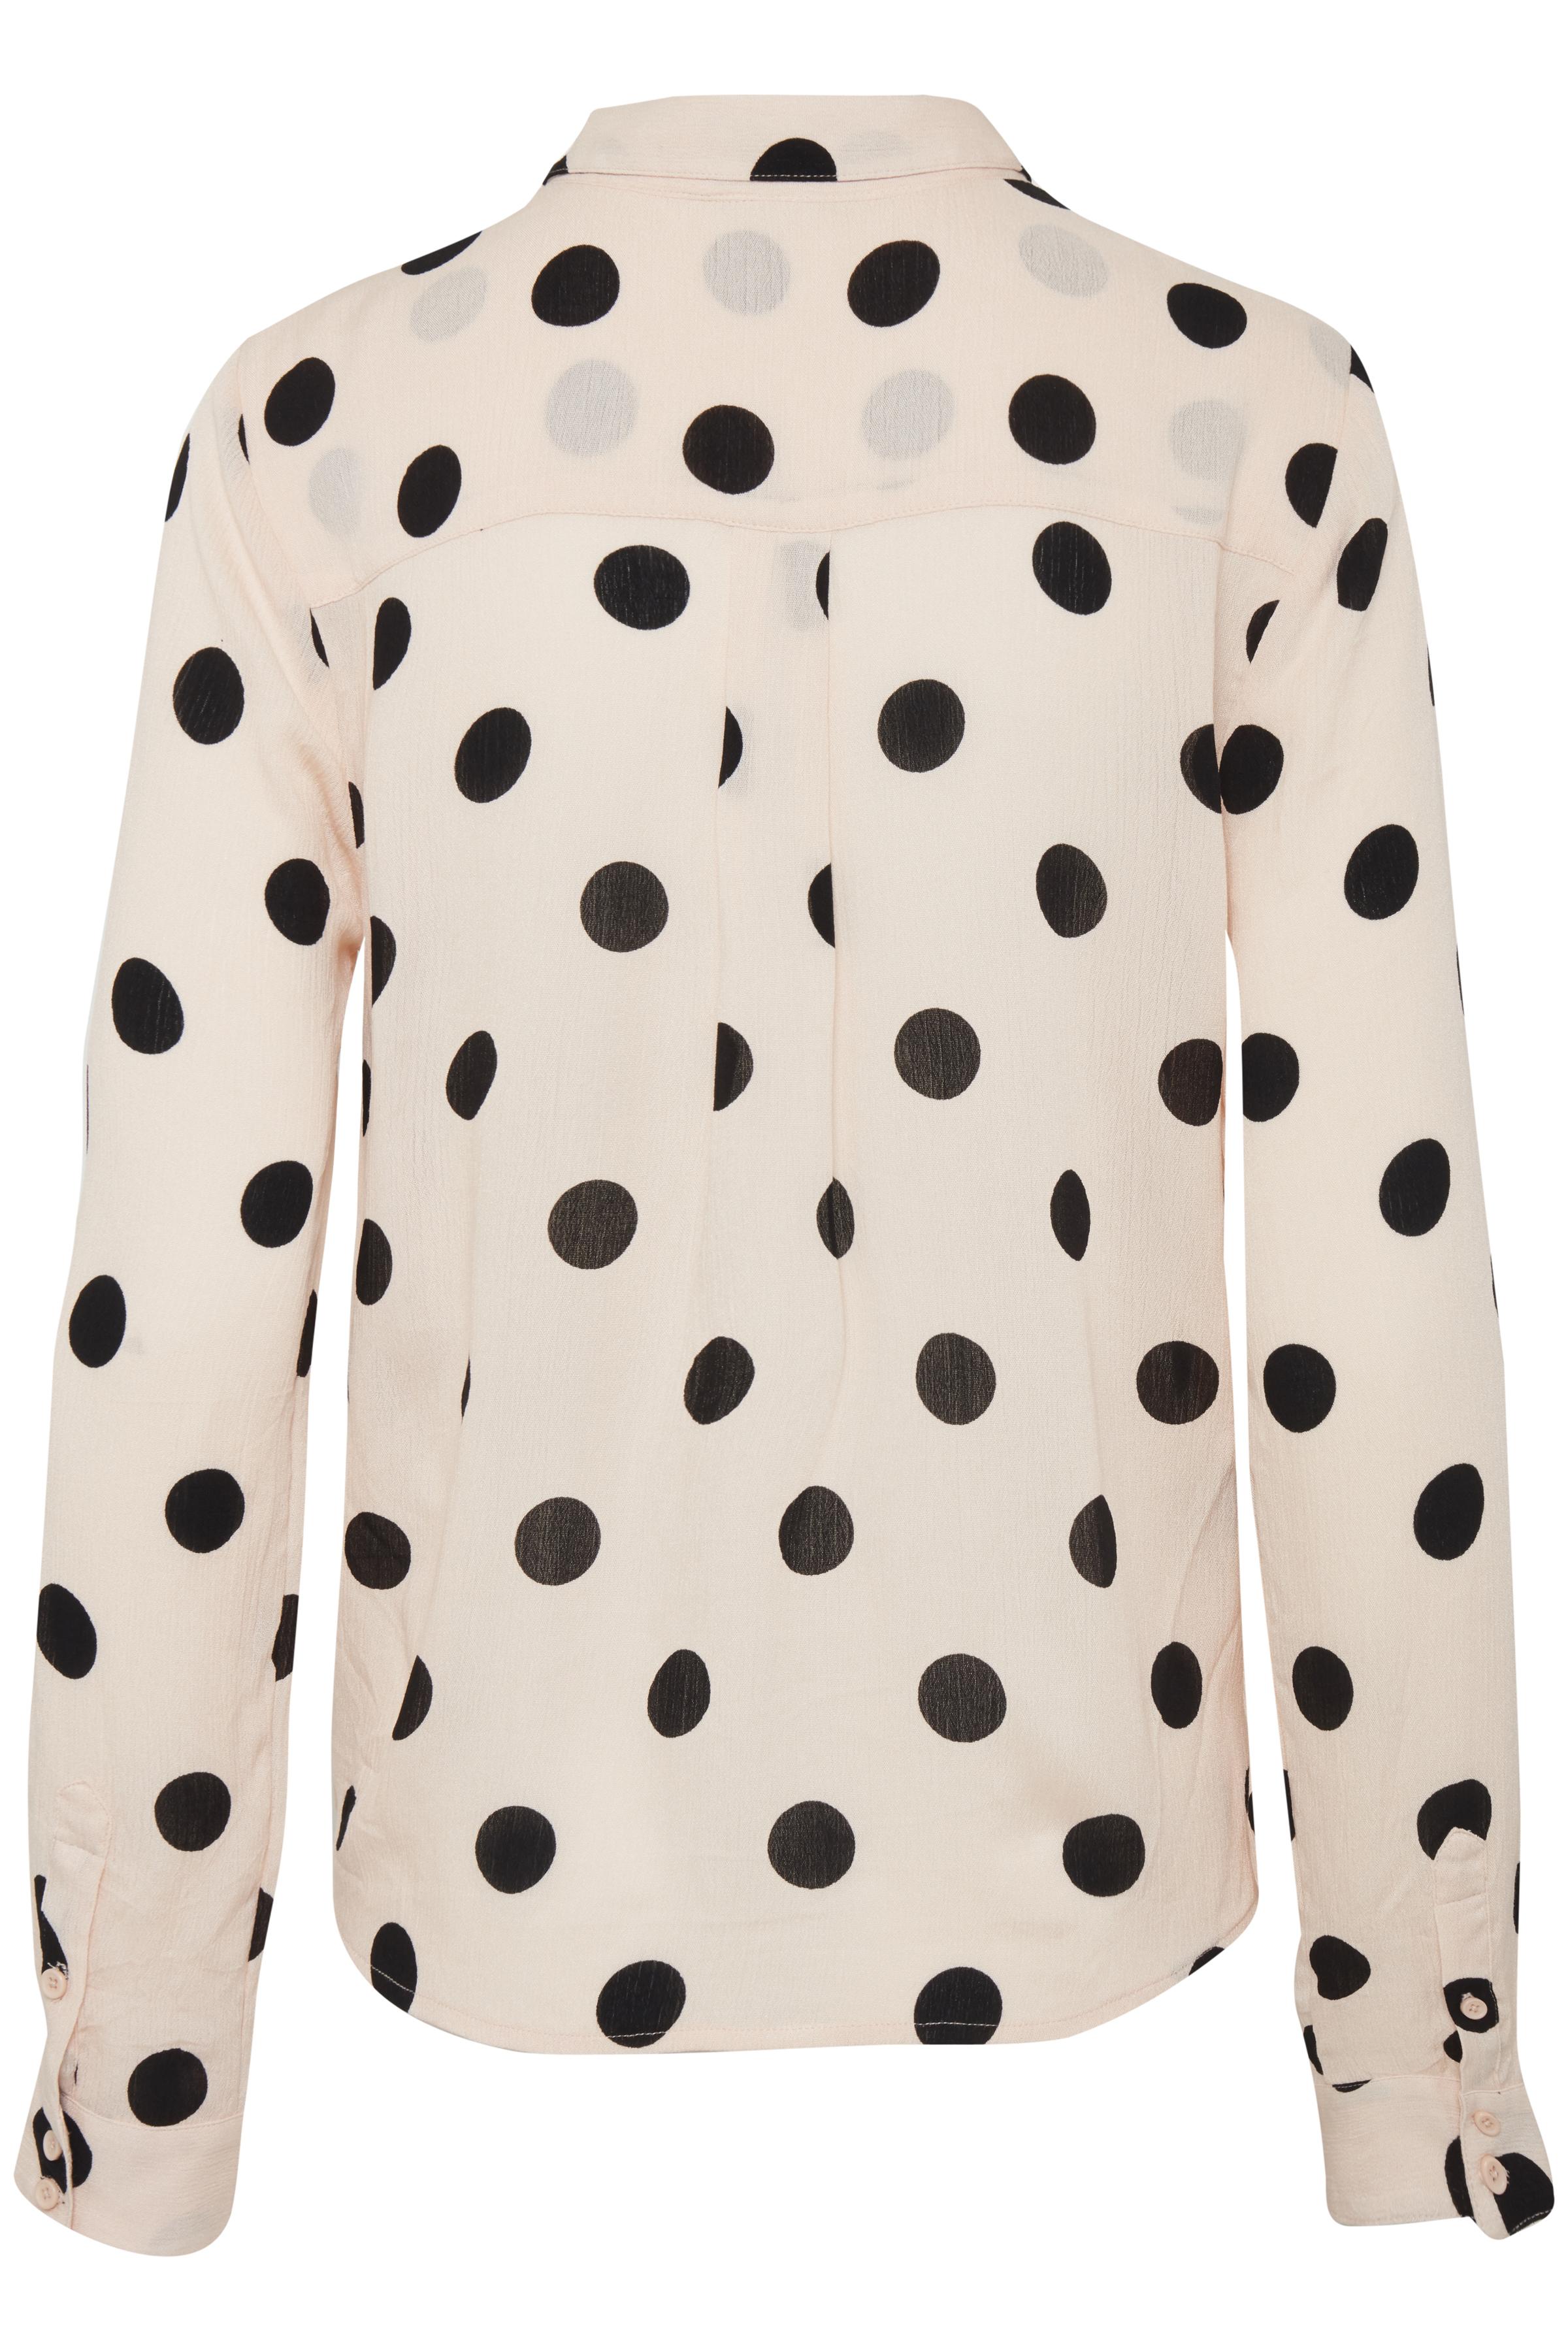 Bisque Langærmet skjorte – Køb Bisque Langærmet skjorte fra str. XS-XL her